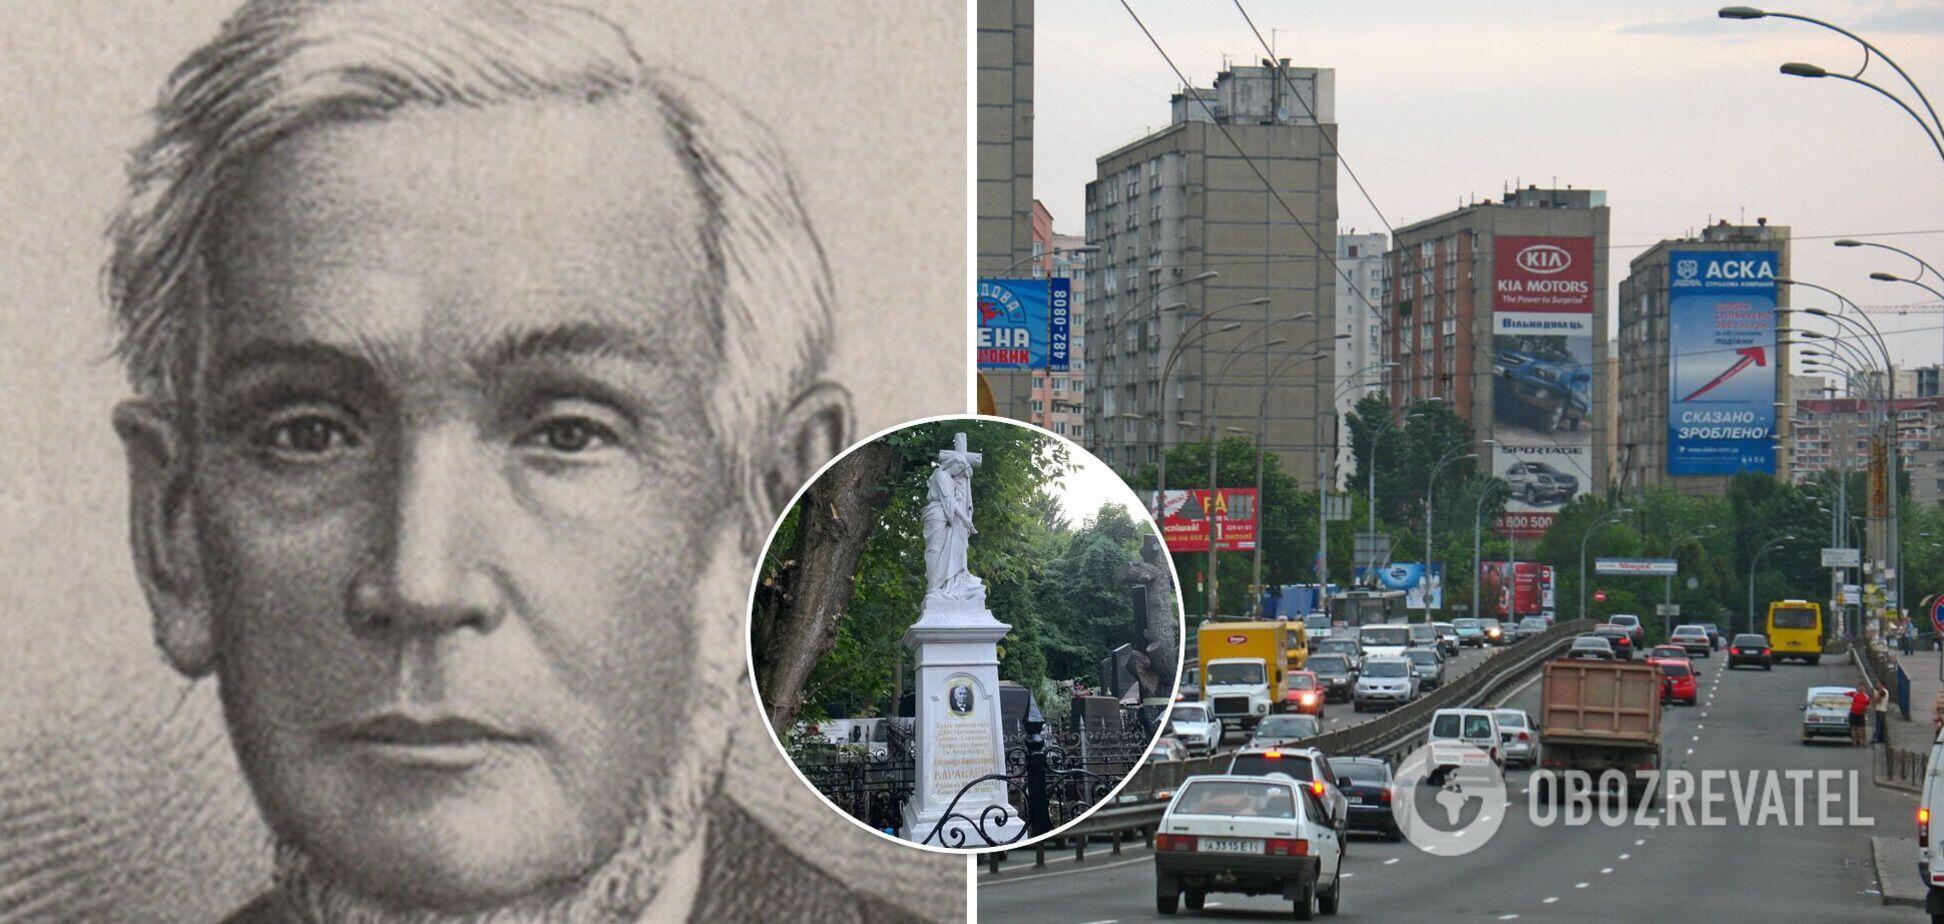 В Киеве восстановили памятник на могиле знаменитого врача Караваева, в честь которого назван район города. Фото